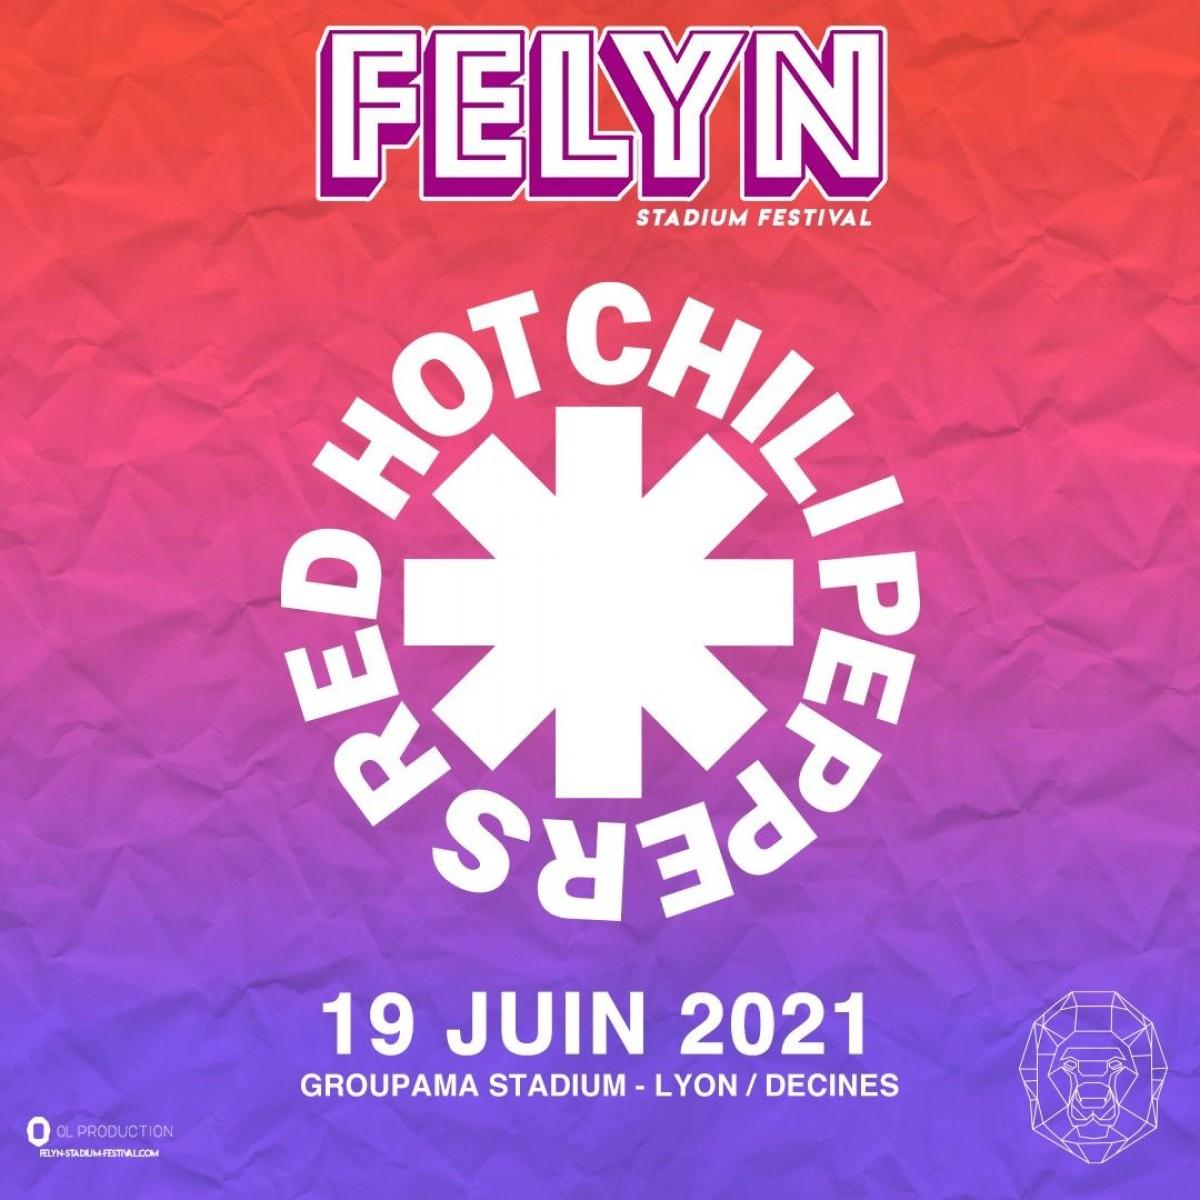 Les Red Hot Chili Peppers en france en 2021